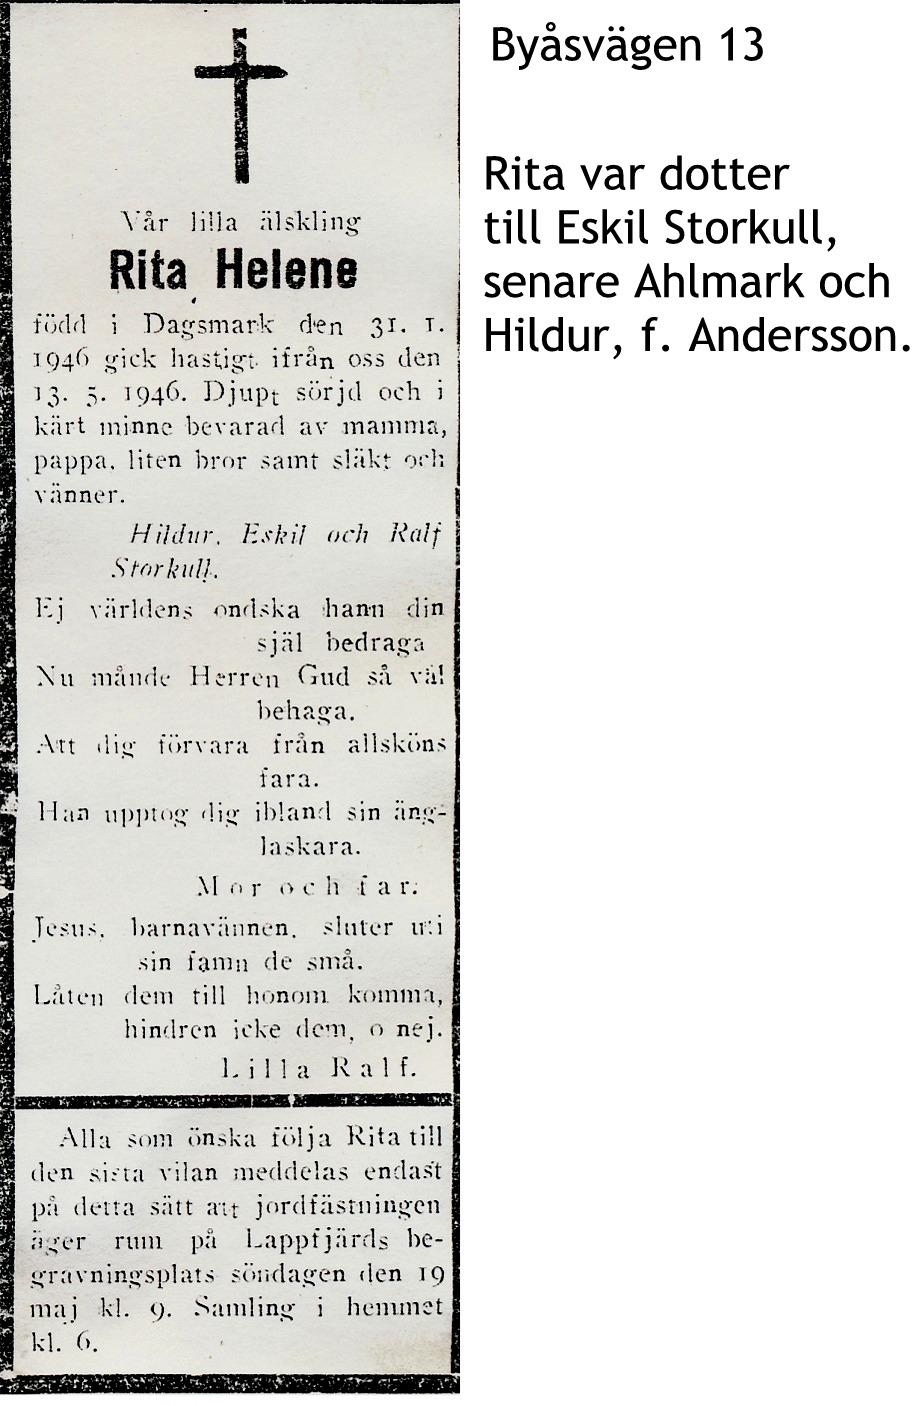 Storkull Rita Helene